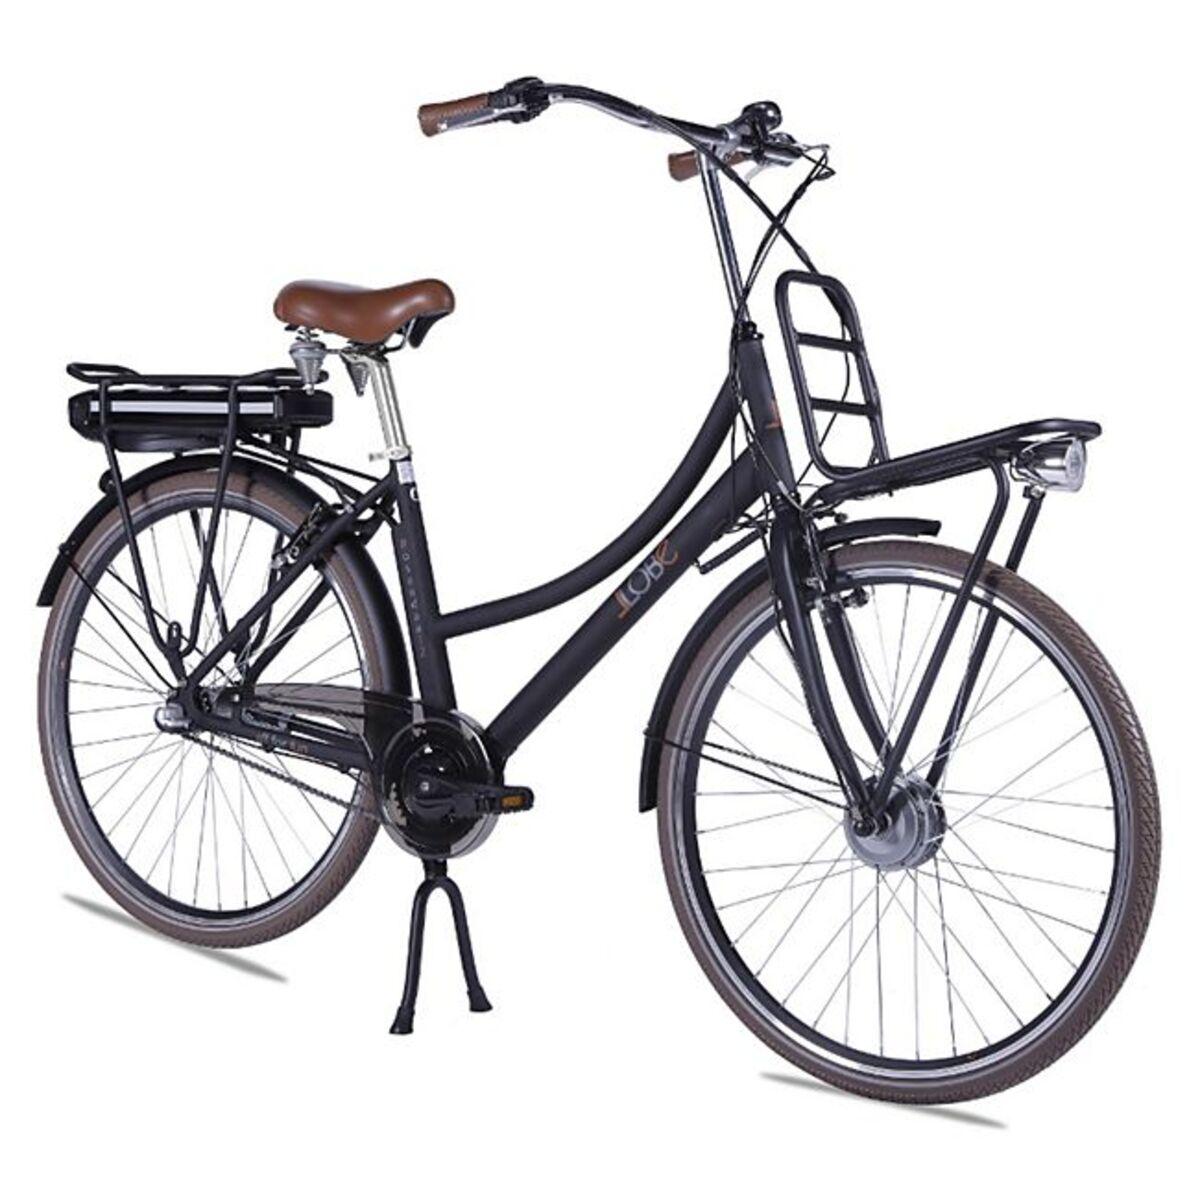 Bild 1 von Llobe Alu Elektro City Bike Rosendaal 2 28 Zoll Lady schwarz 36V/10,4Ah